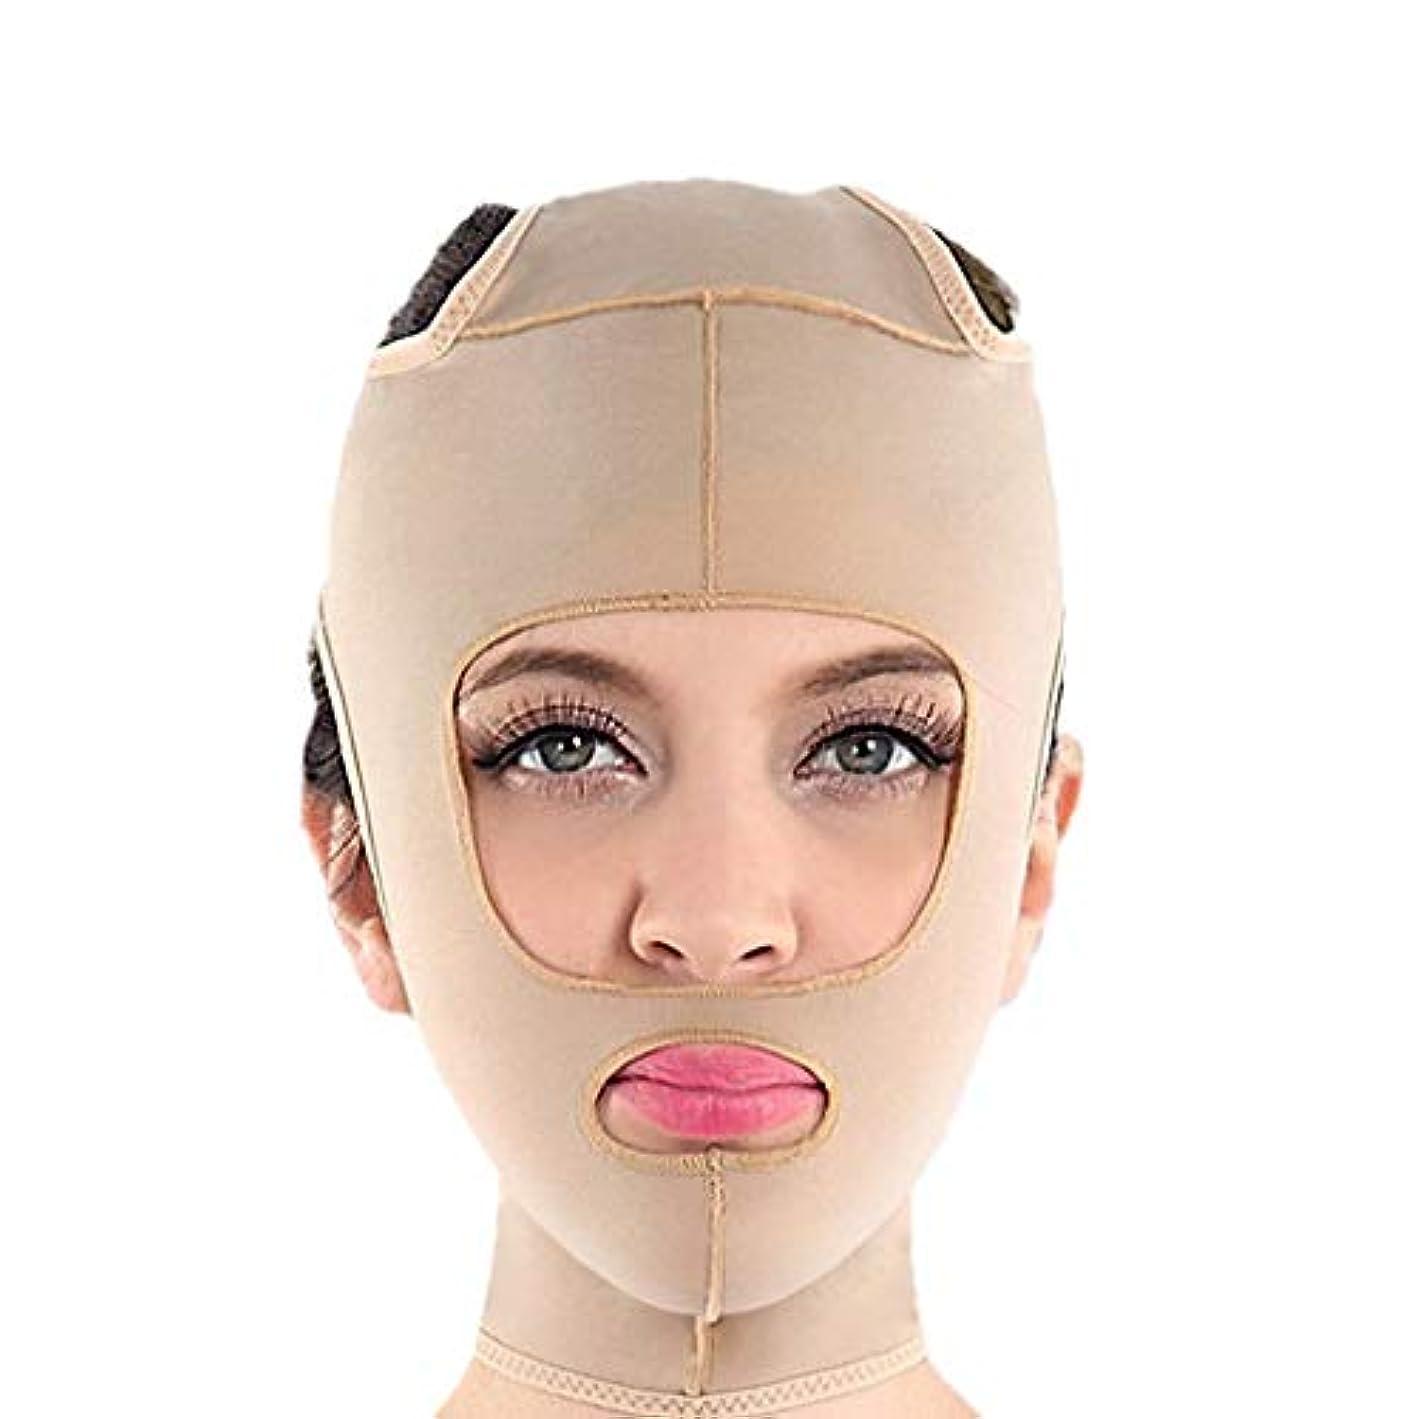 フェイスリフティング、ダブルチンストラップ、フェイシャル減量マスク、ダブルチンを減らすリフティングヌードル、ファーミングフェイス、パワフルリフティングマスク(サイズ:M),M